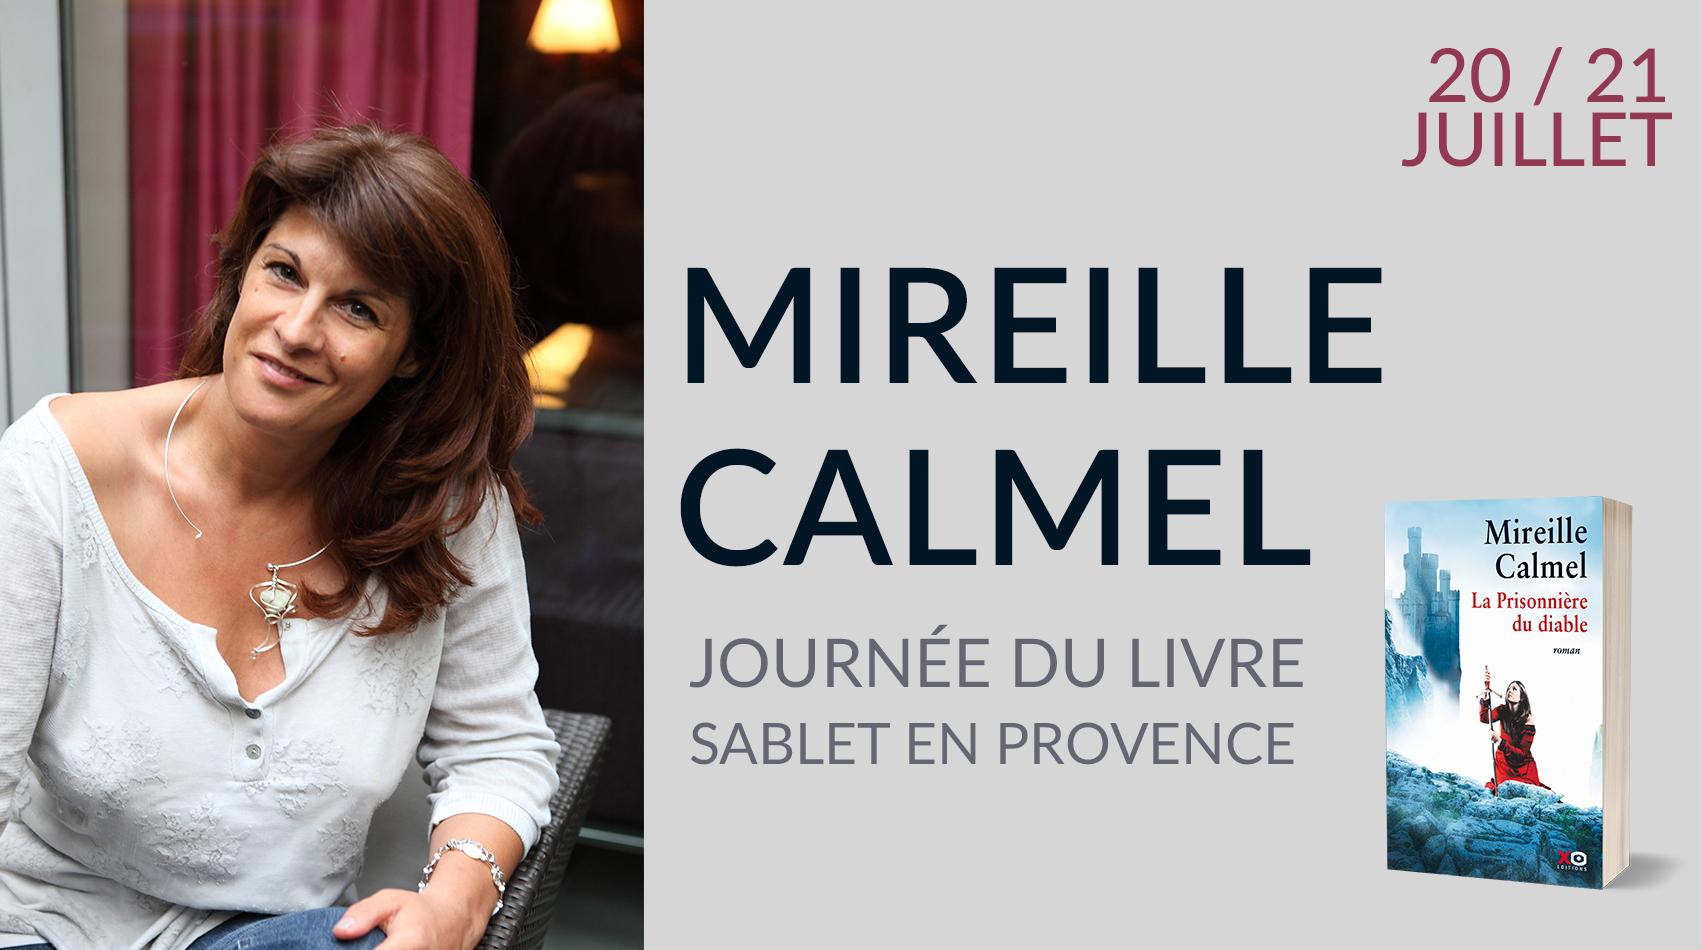 MIREILLE CALMEL À SABLET